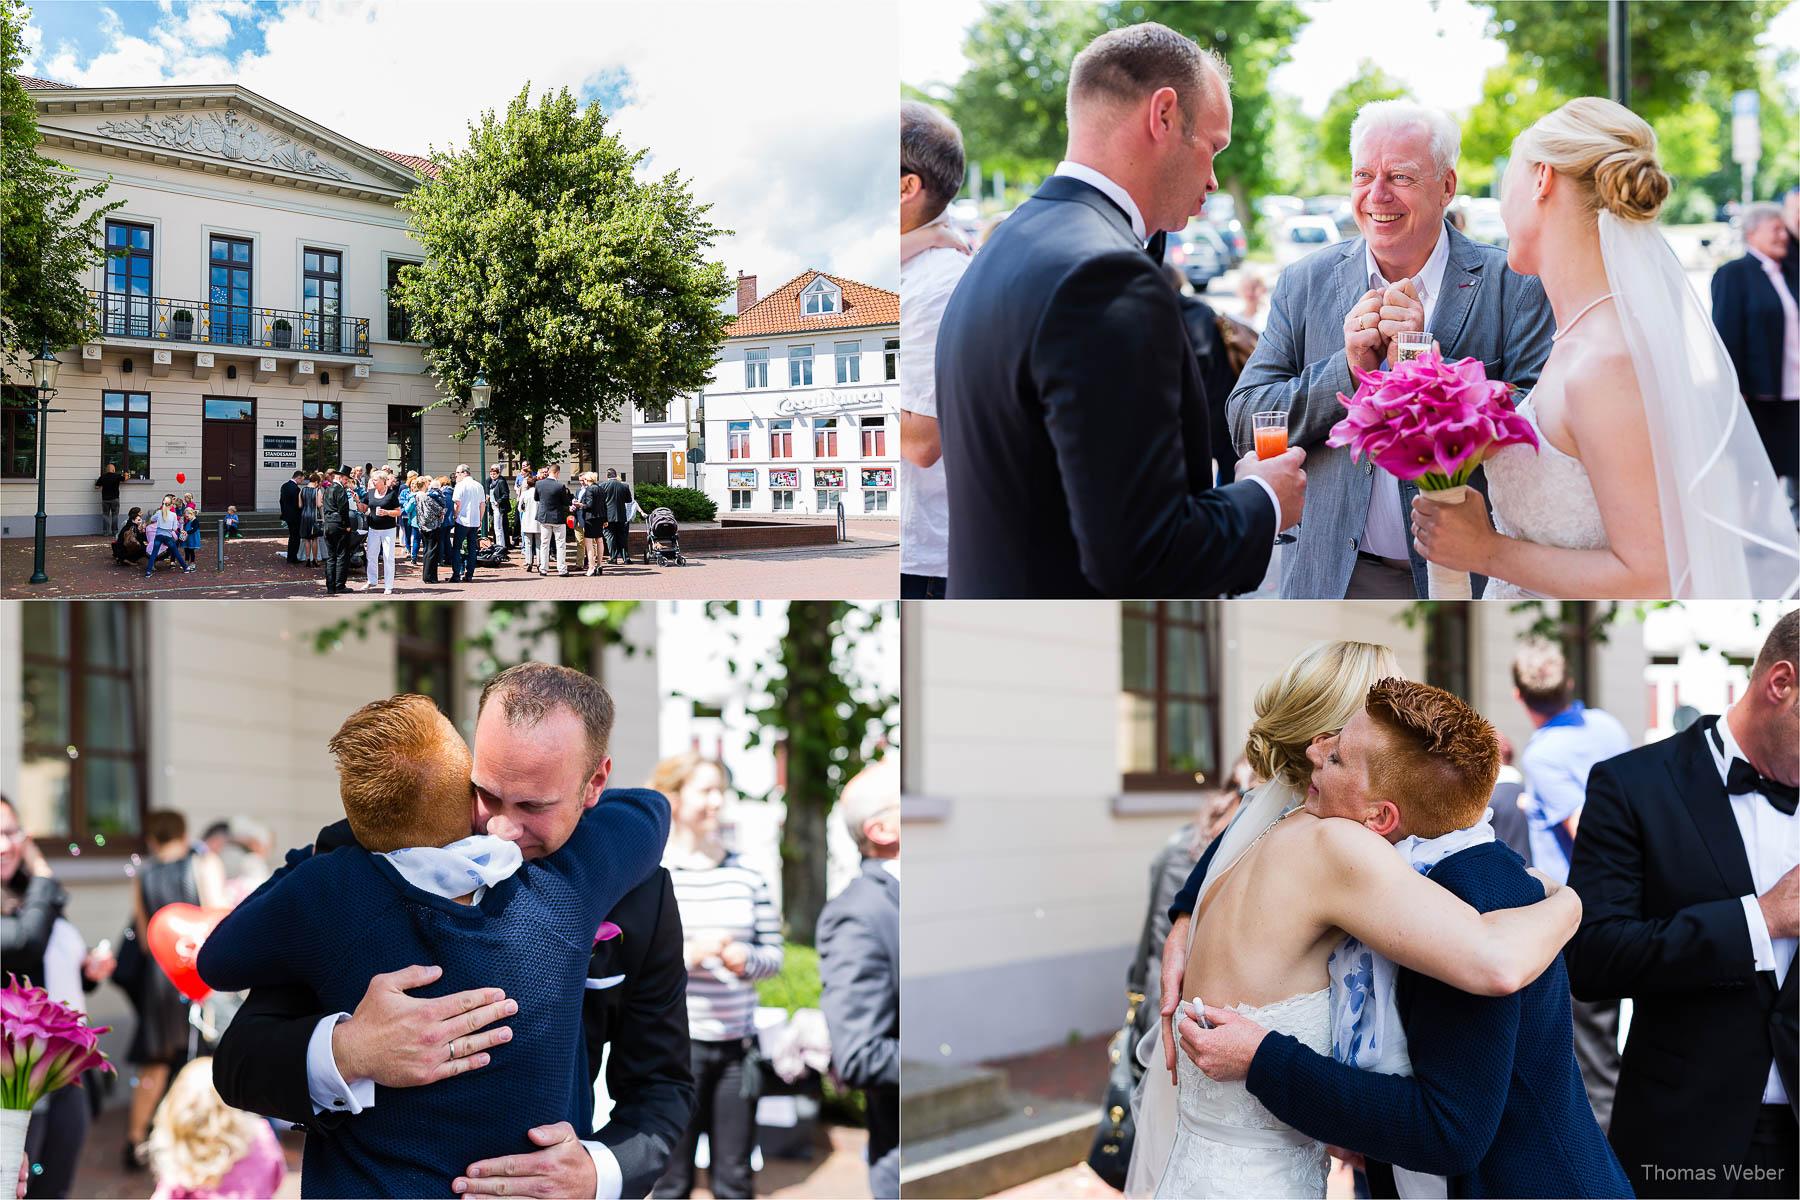 Sektempfang und Gratulation der Hochzeitsgäste vor dem Standesamt am Pferdemarkt in Oldenburg, Hochzeitsfotograf Oldenburg Thomas Weber